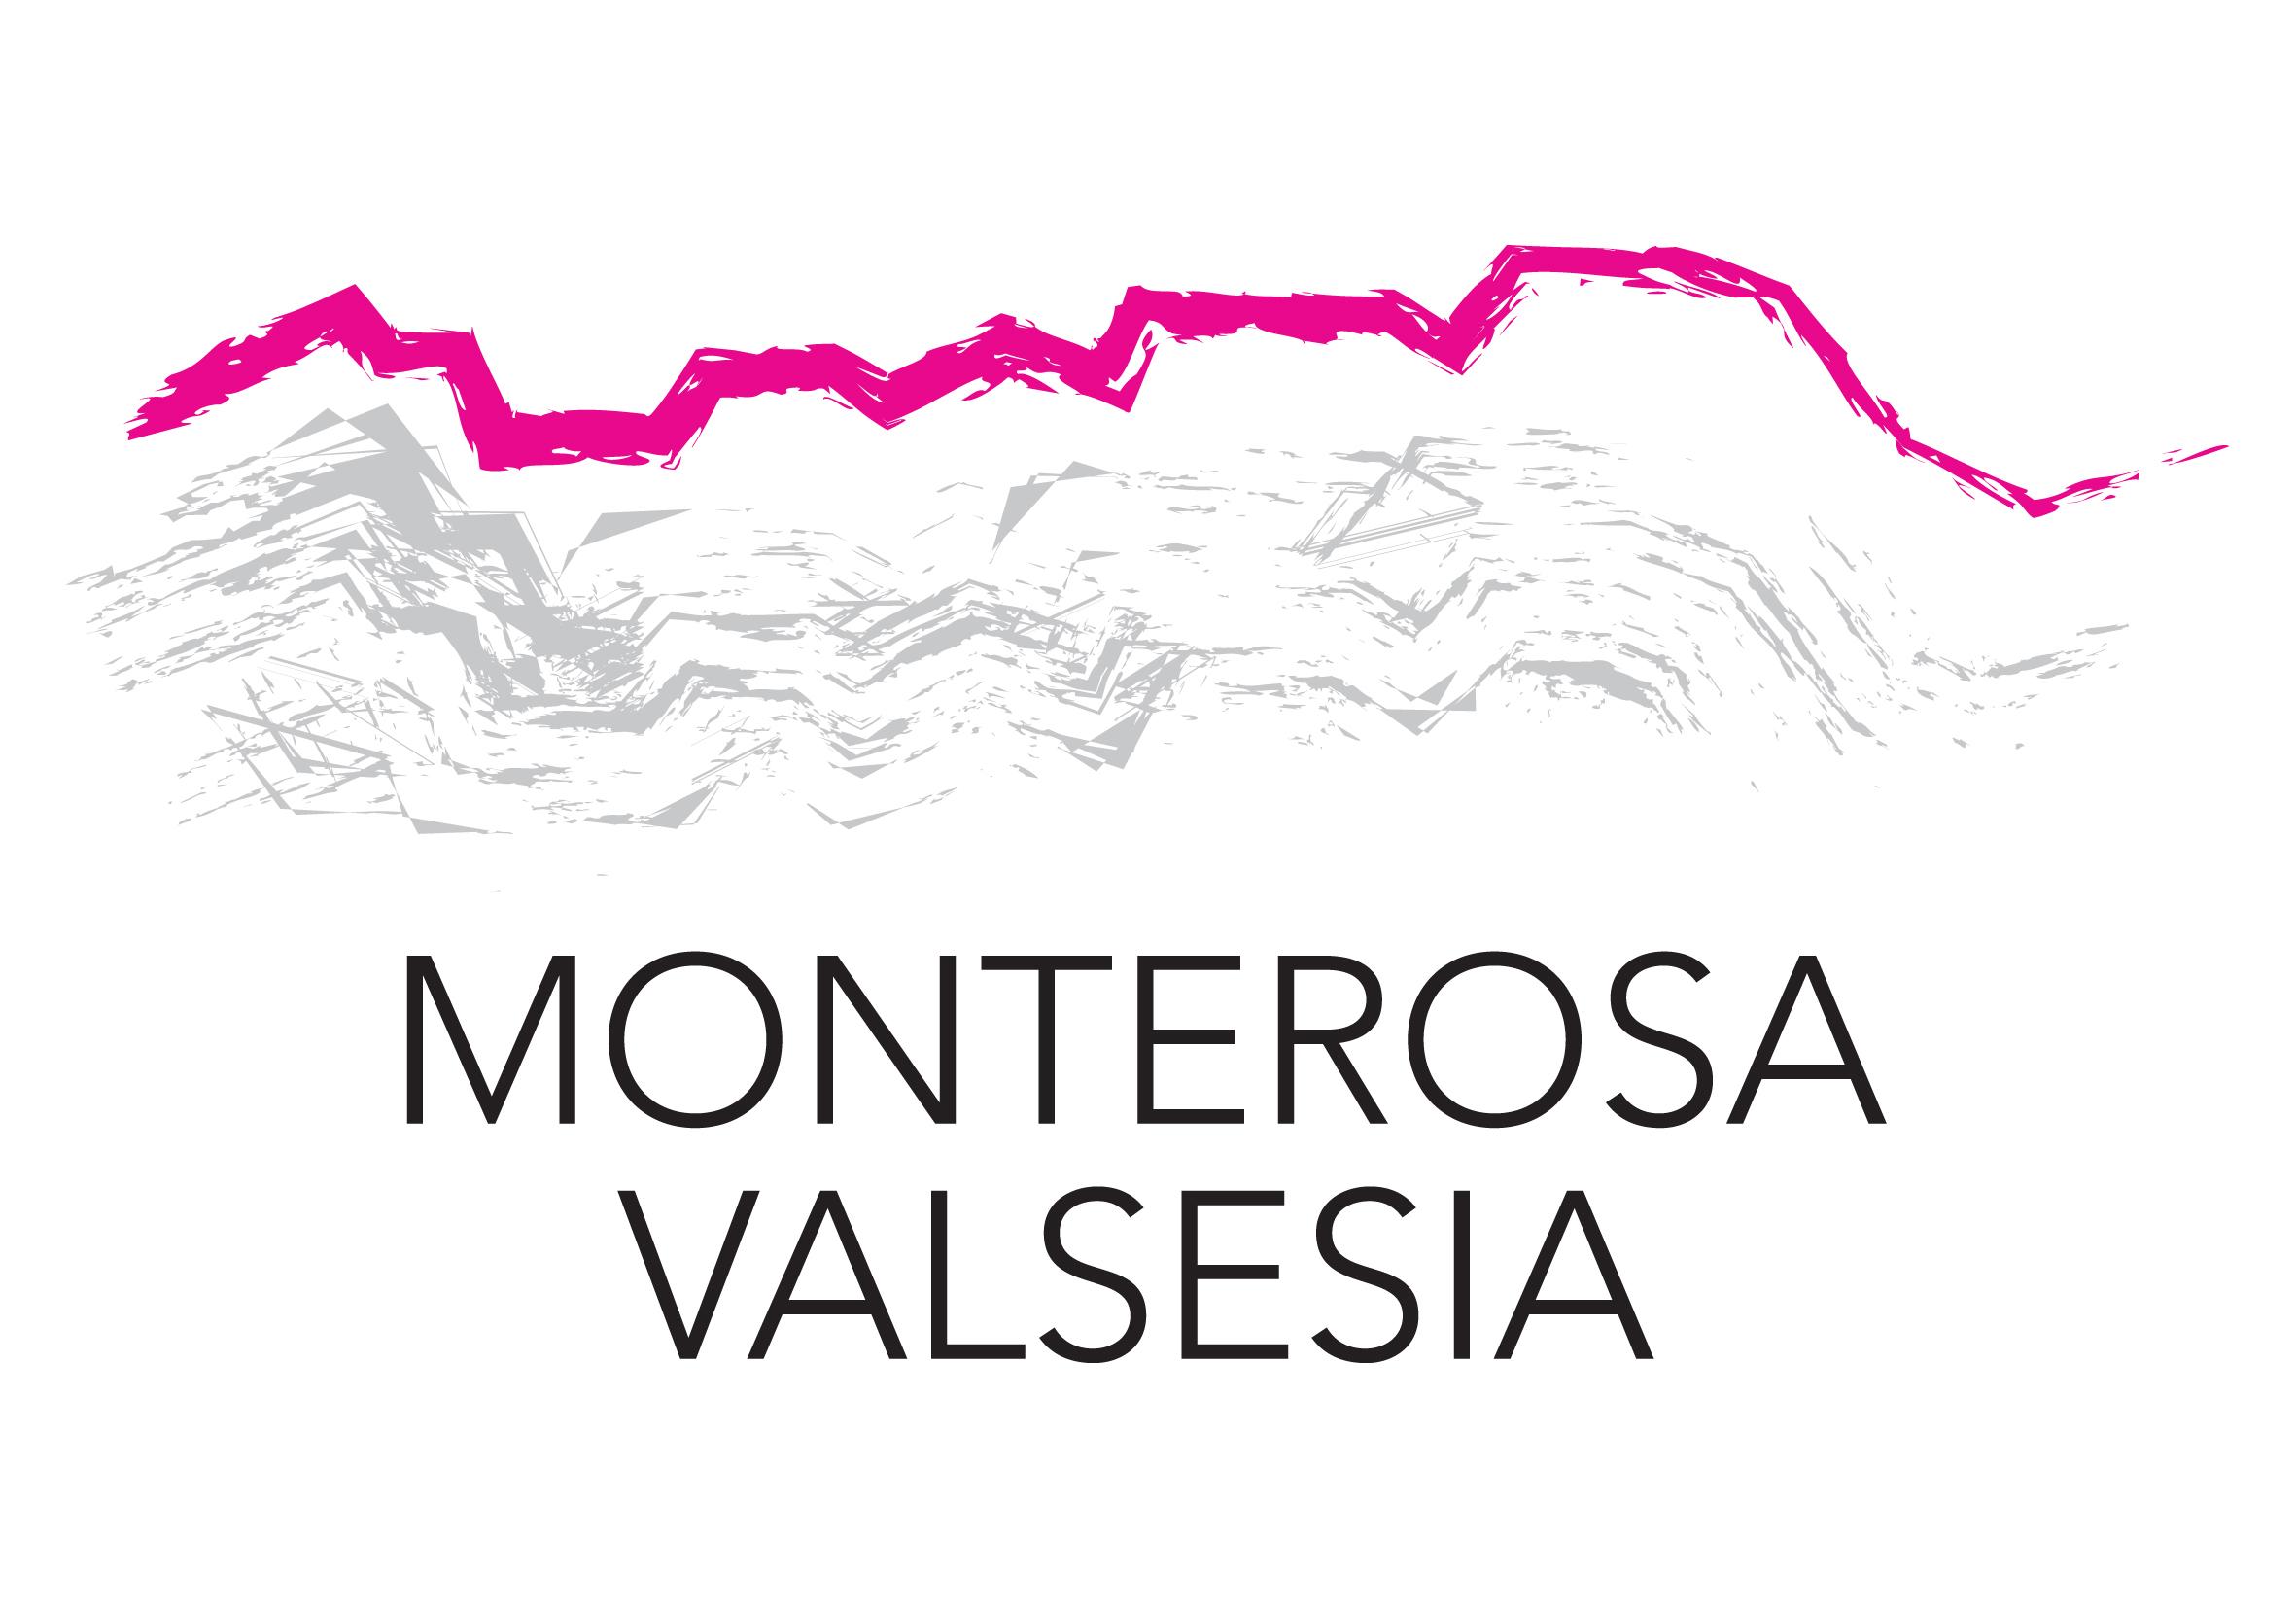 Monterosa Valsesia